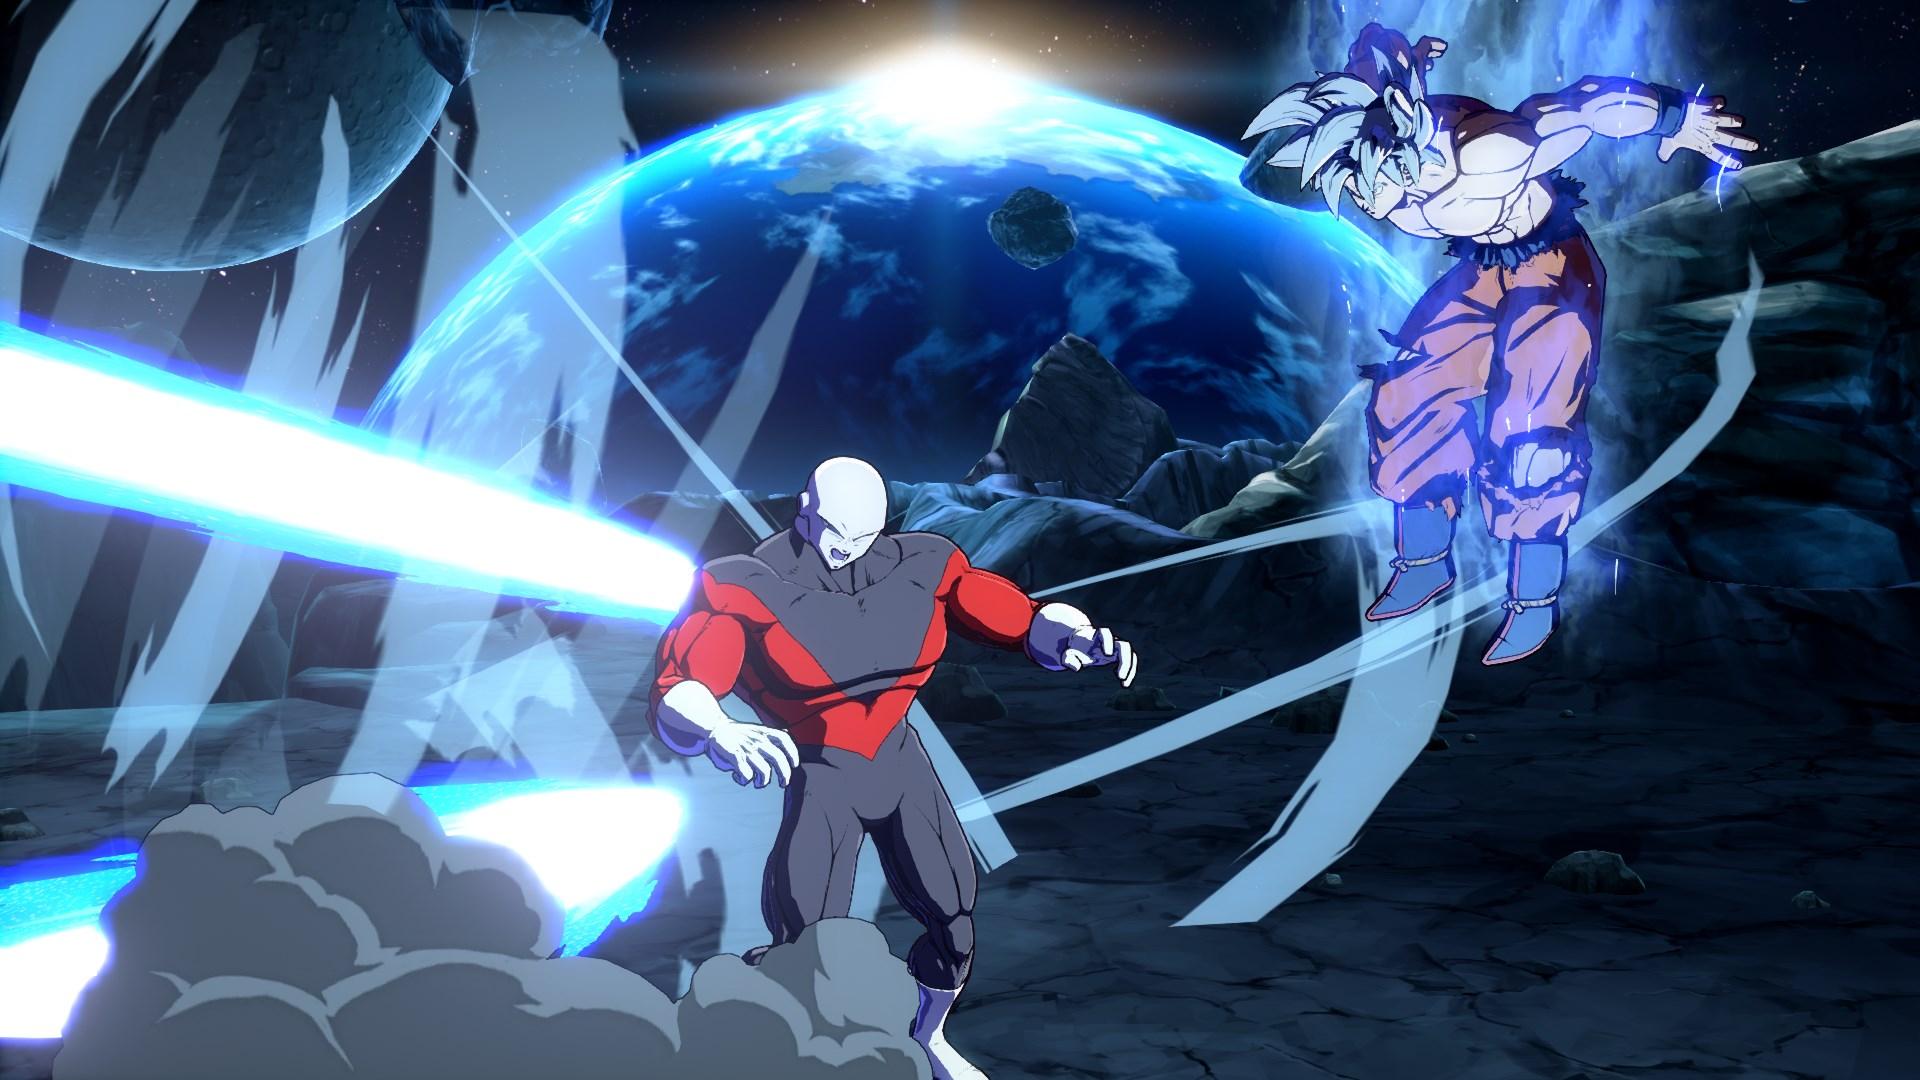 Dragon Ball FighterZ DLC Character Goku Ultra Instinct Screen 4